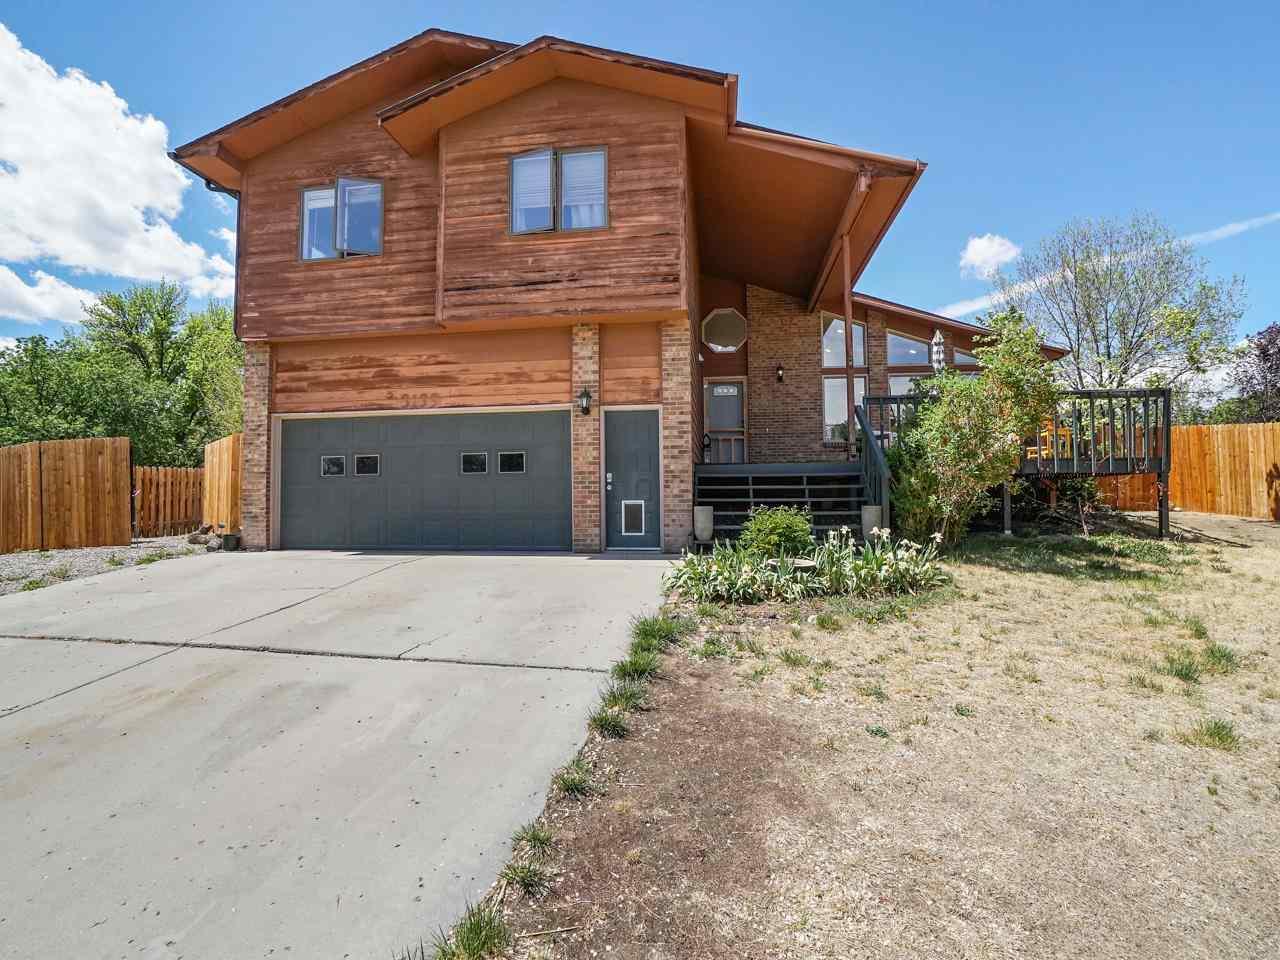 Northridge Est Real Estate Listings Main Image